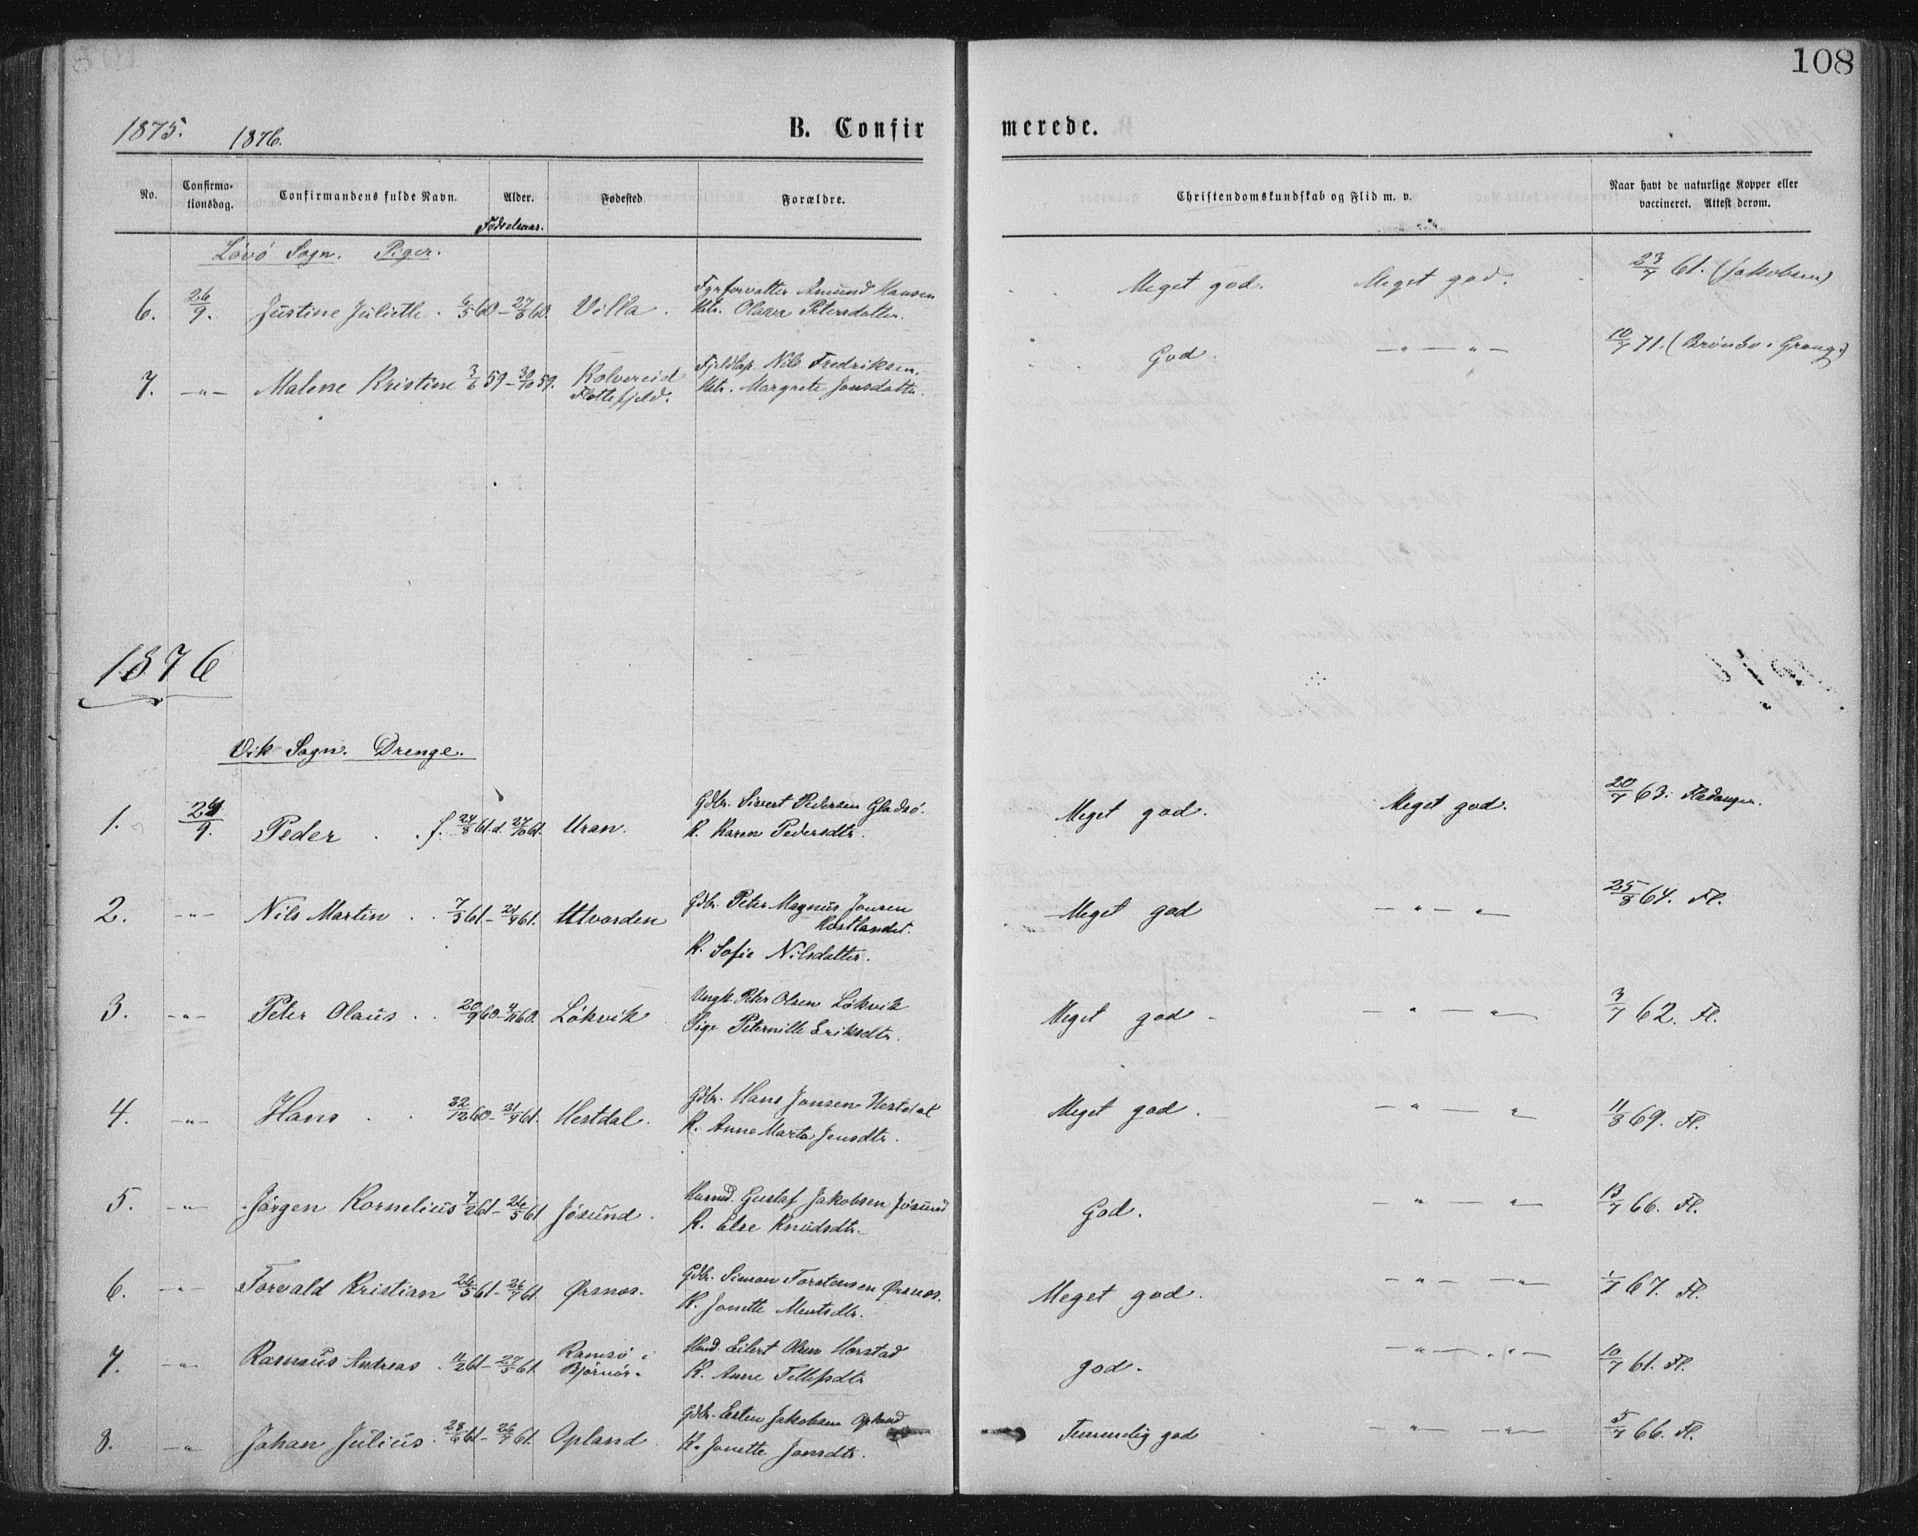 SAT, Ministerialprotokoller, klokkerbøker og fødselsregistre - Nord-Trøndelag, 771/L0596: Ministerialbok nr. 771A03, 1870-1884, s. 108